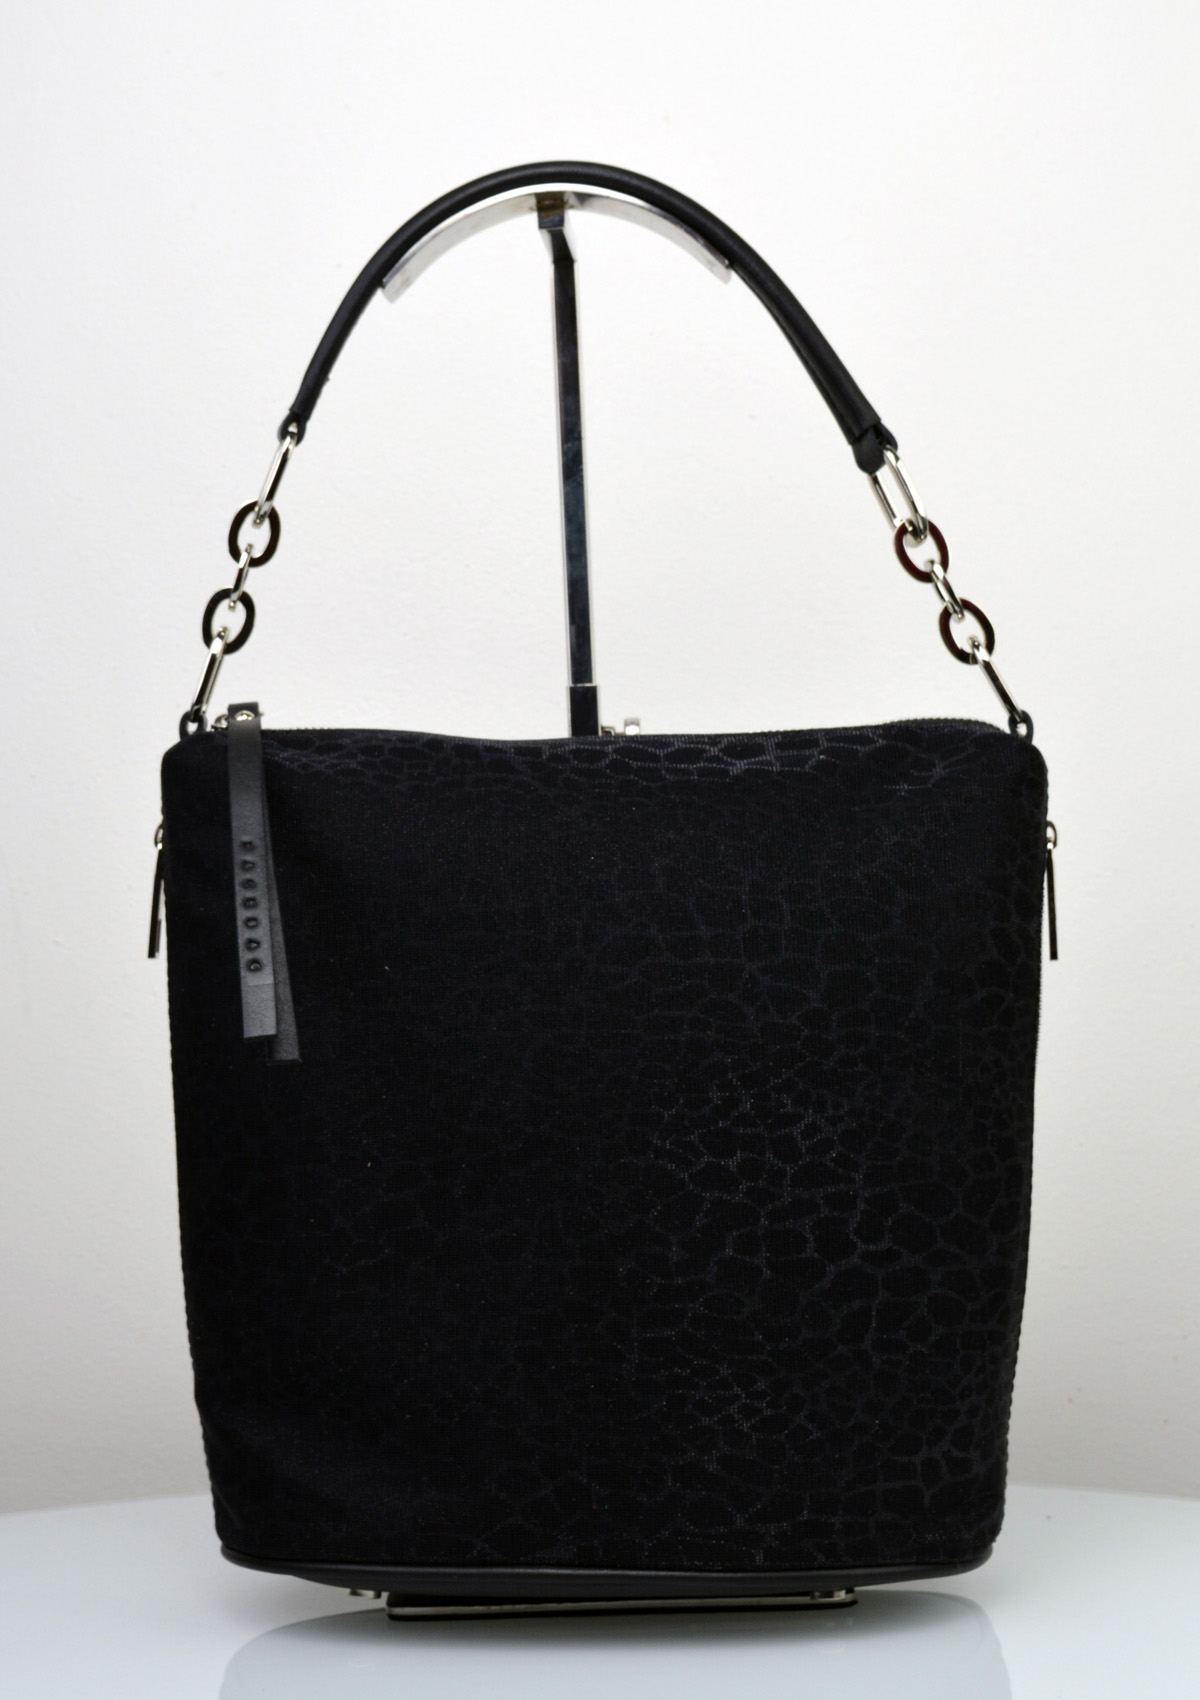 7ae703eef Dámská kožená kabelka FACEBAG MOLY - Kombinace látky a kůže - Černá se  třpytkami